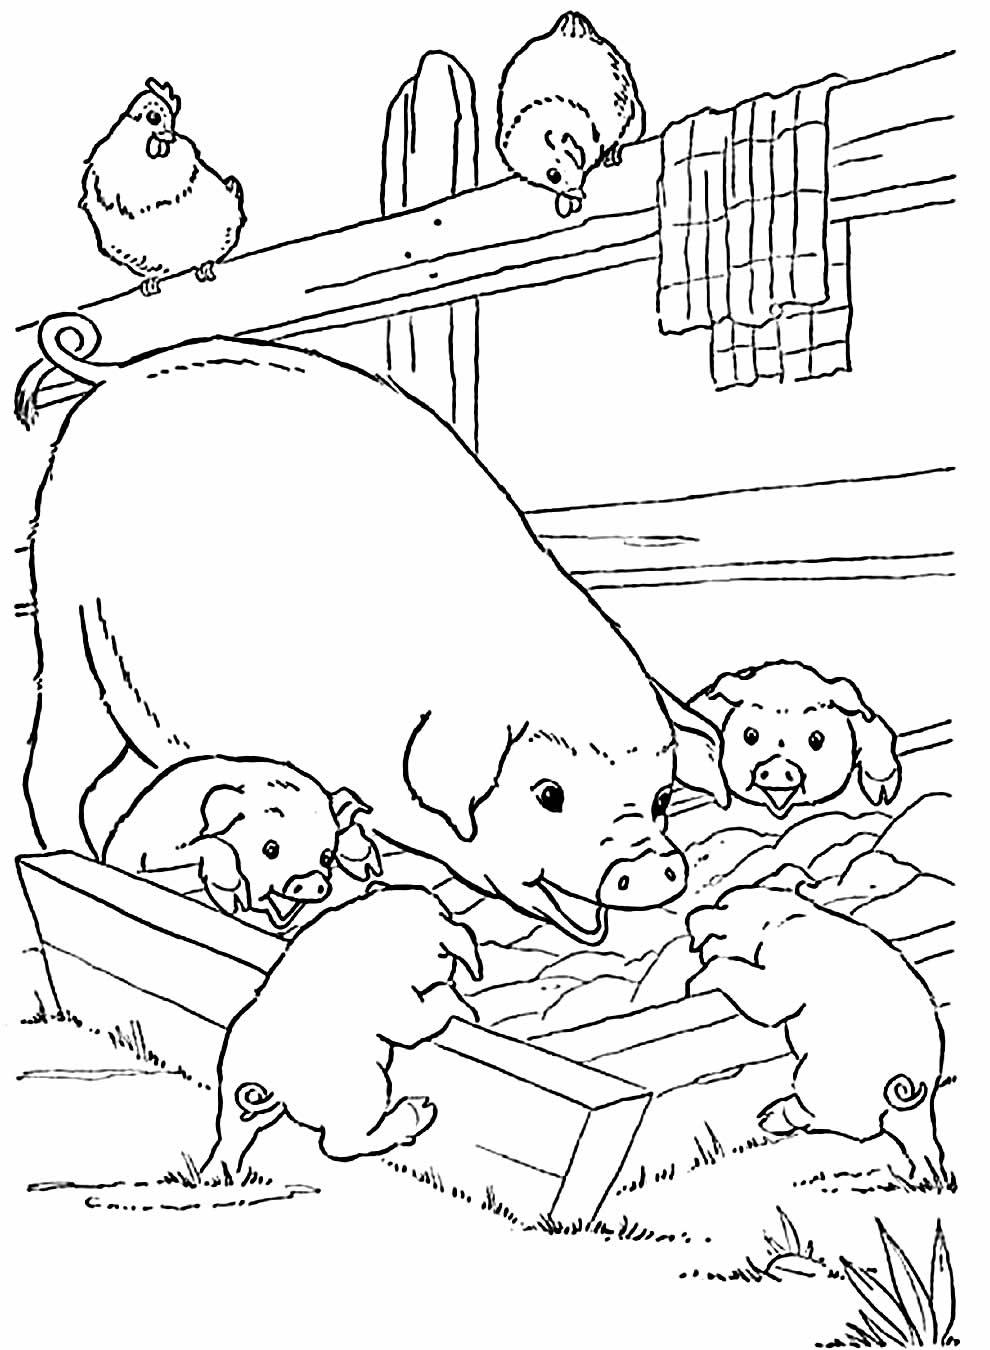 Desenhos para colorir de porcos